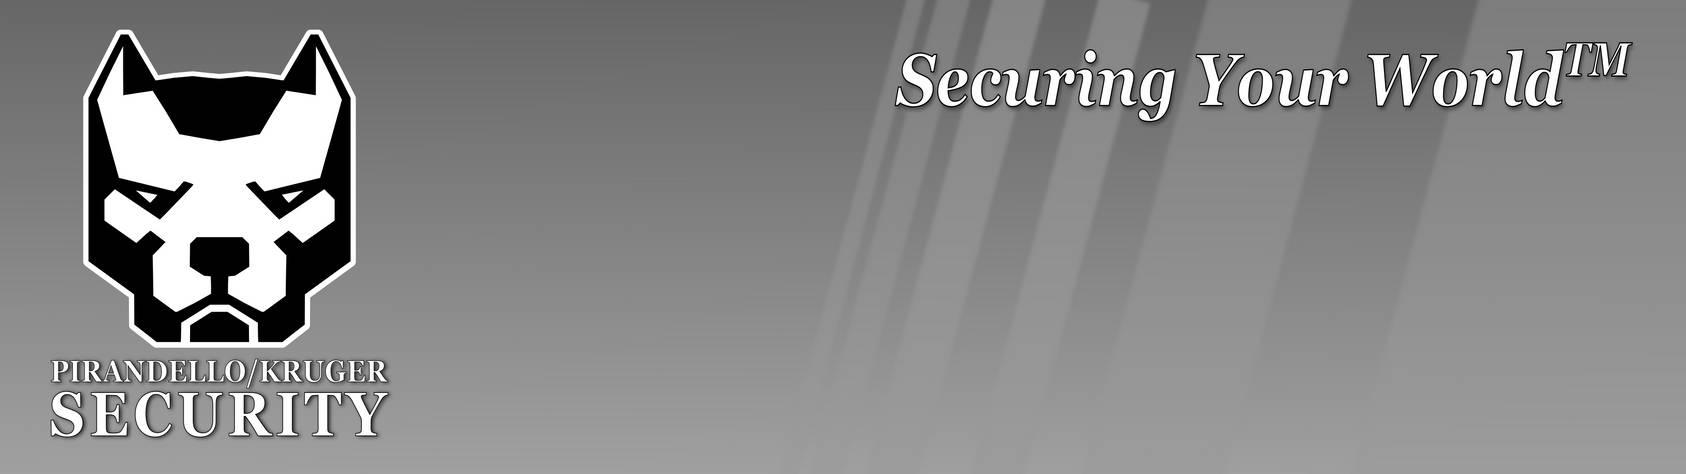 Pirandello/Kruger (fantasy security firm)